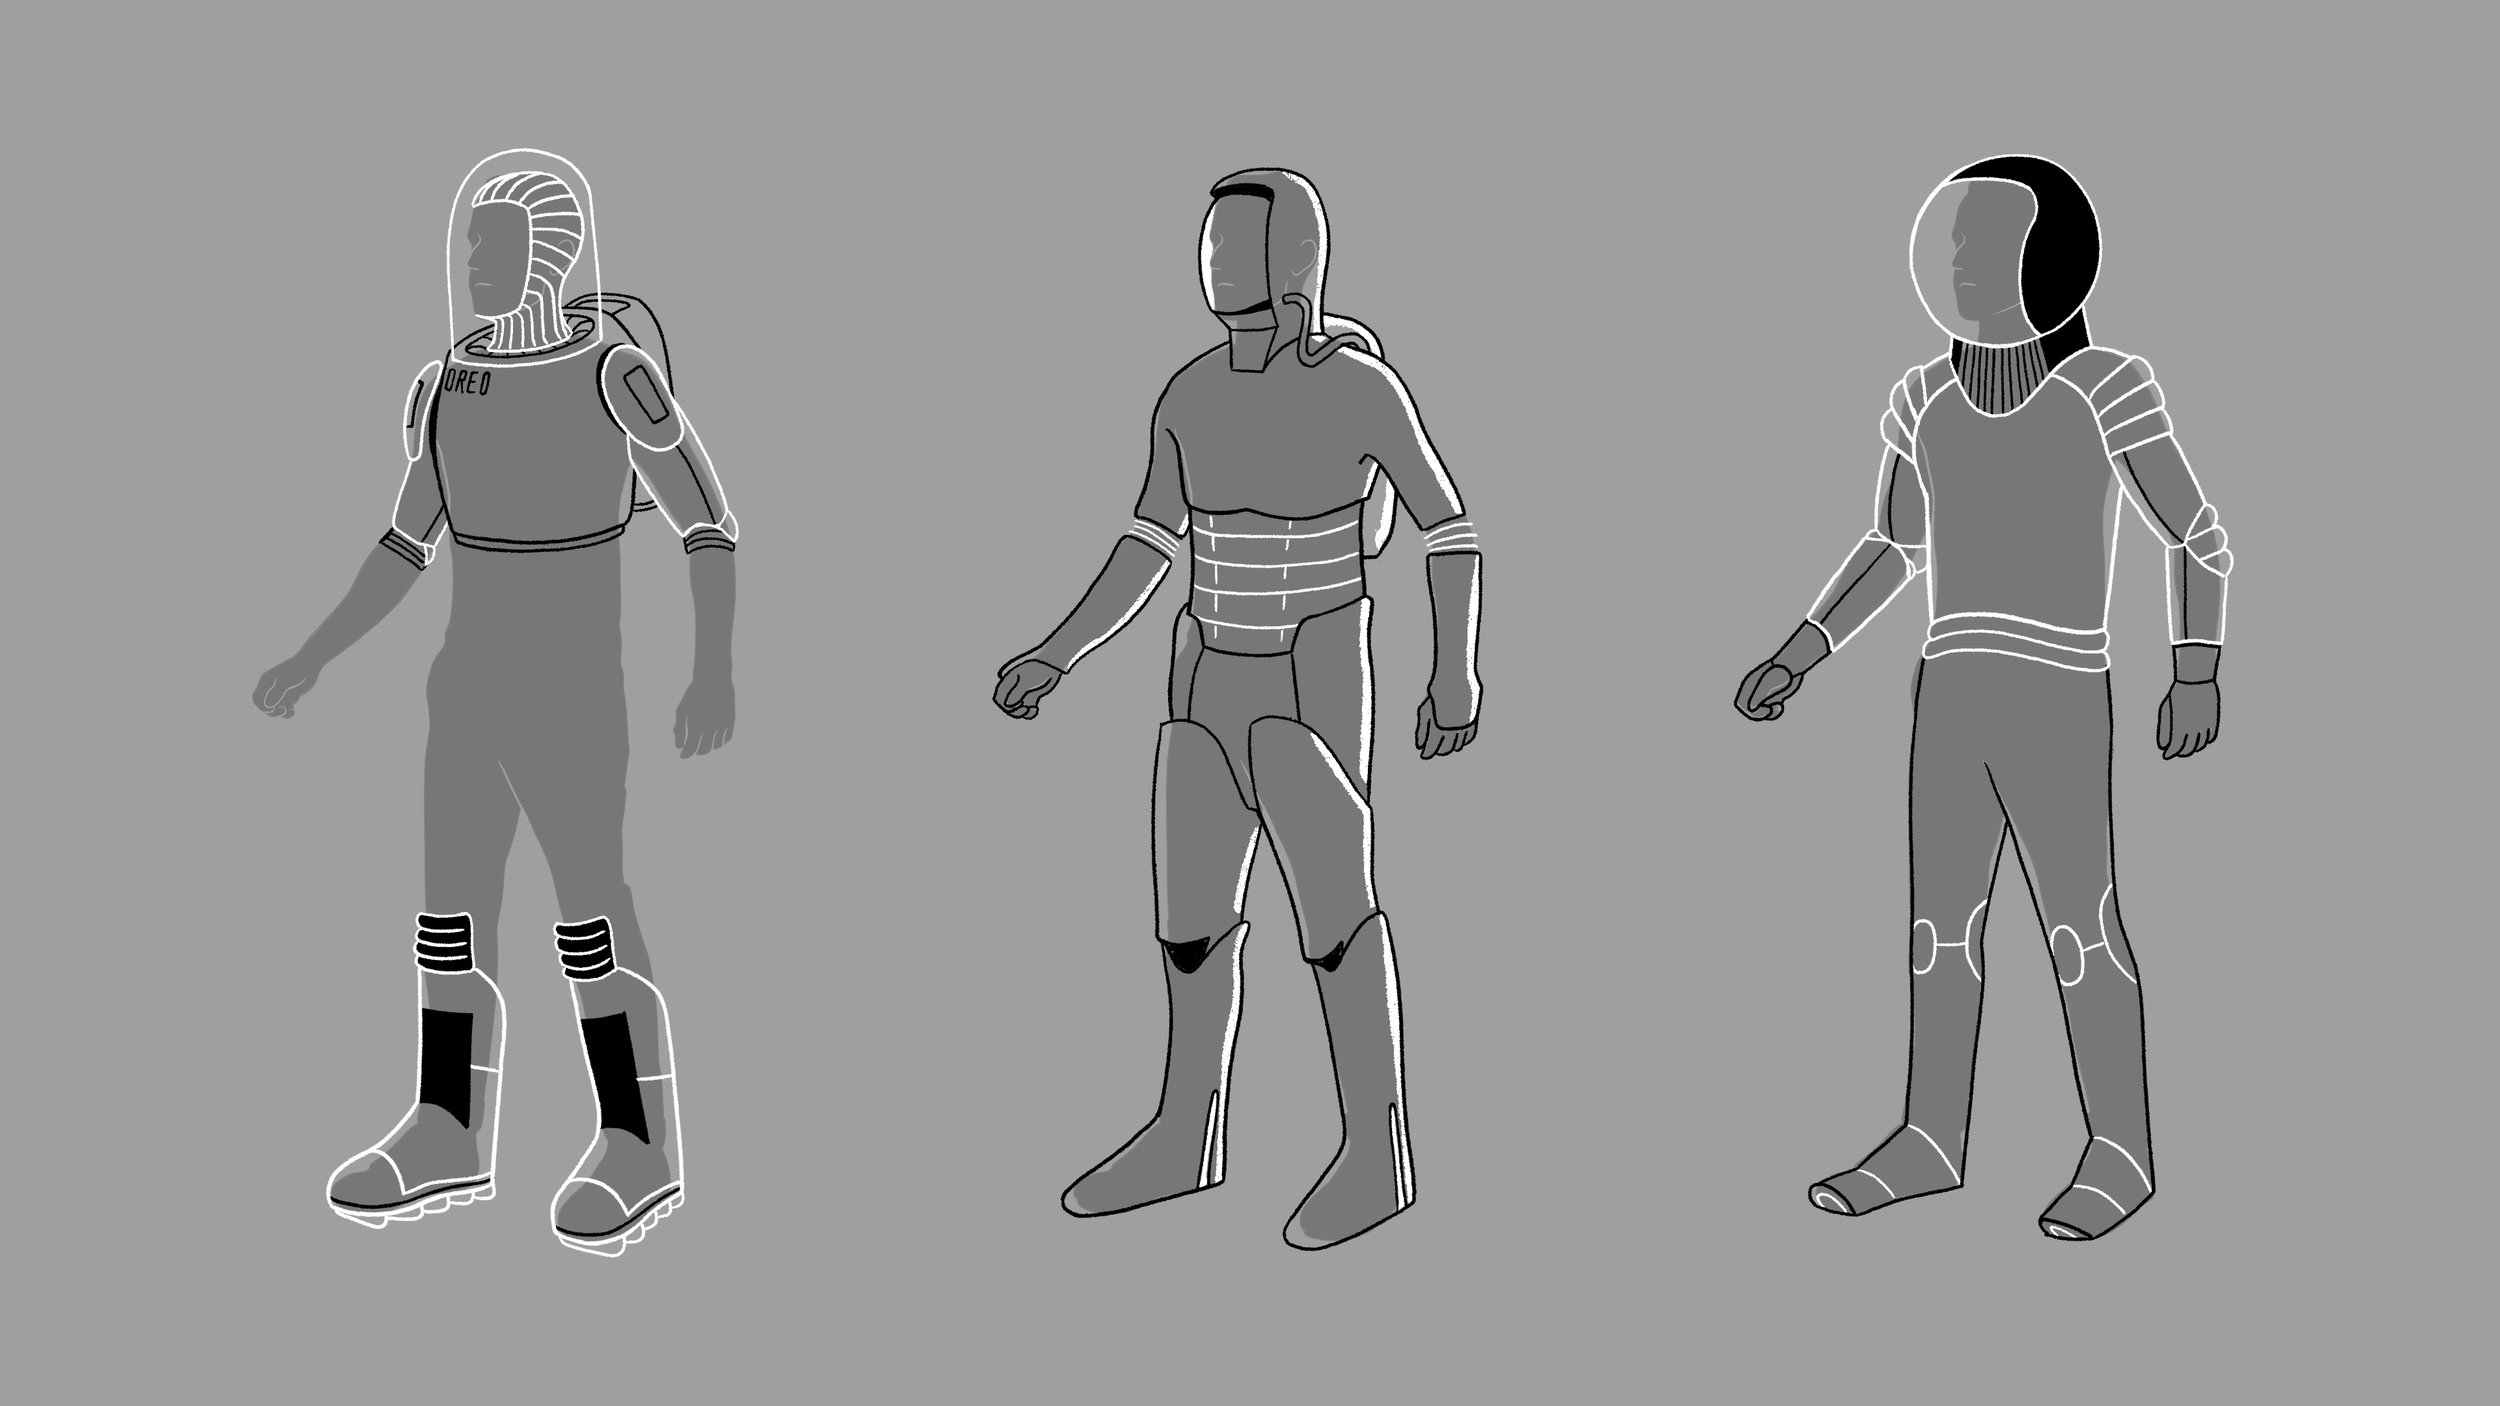 Character_Sheet_Astronaut_002.jpg